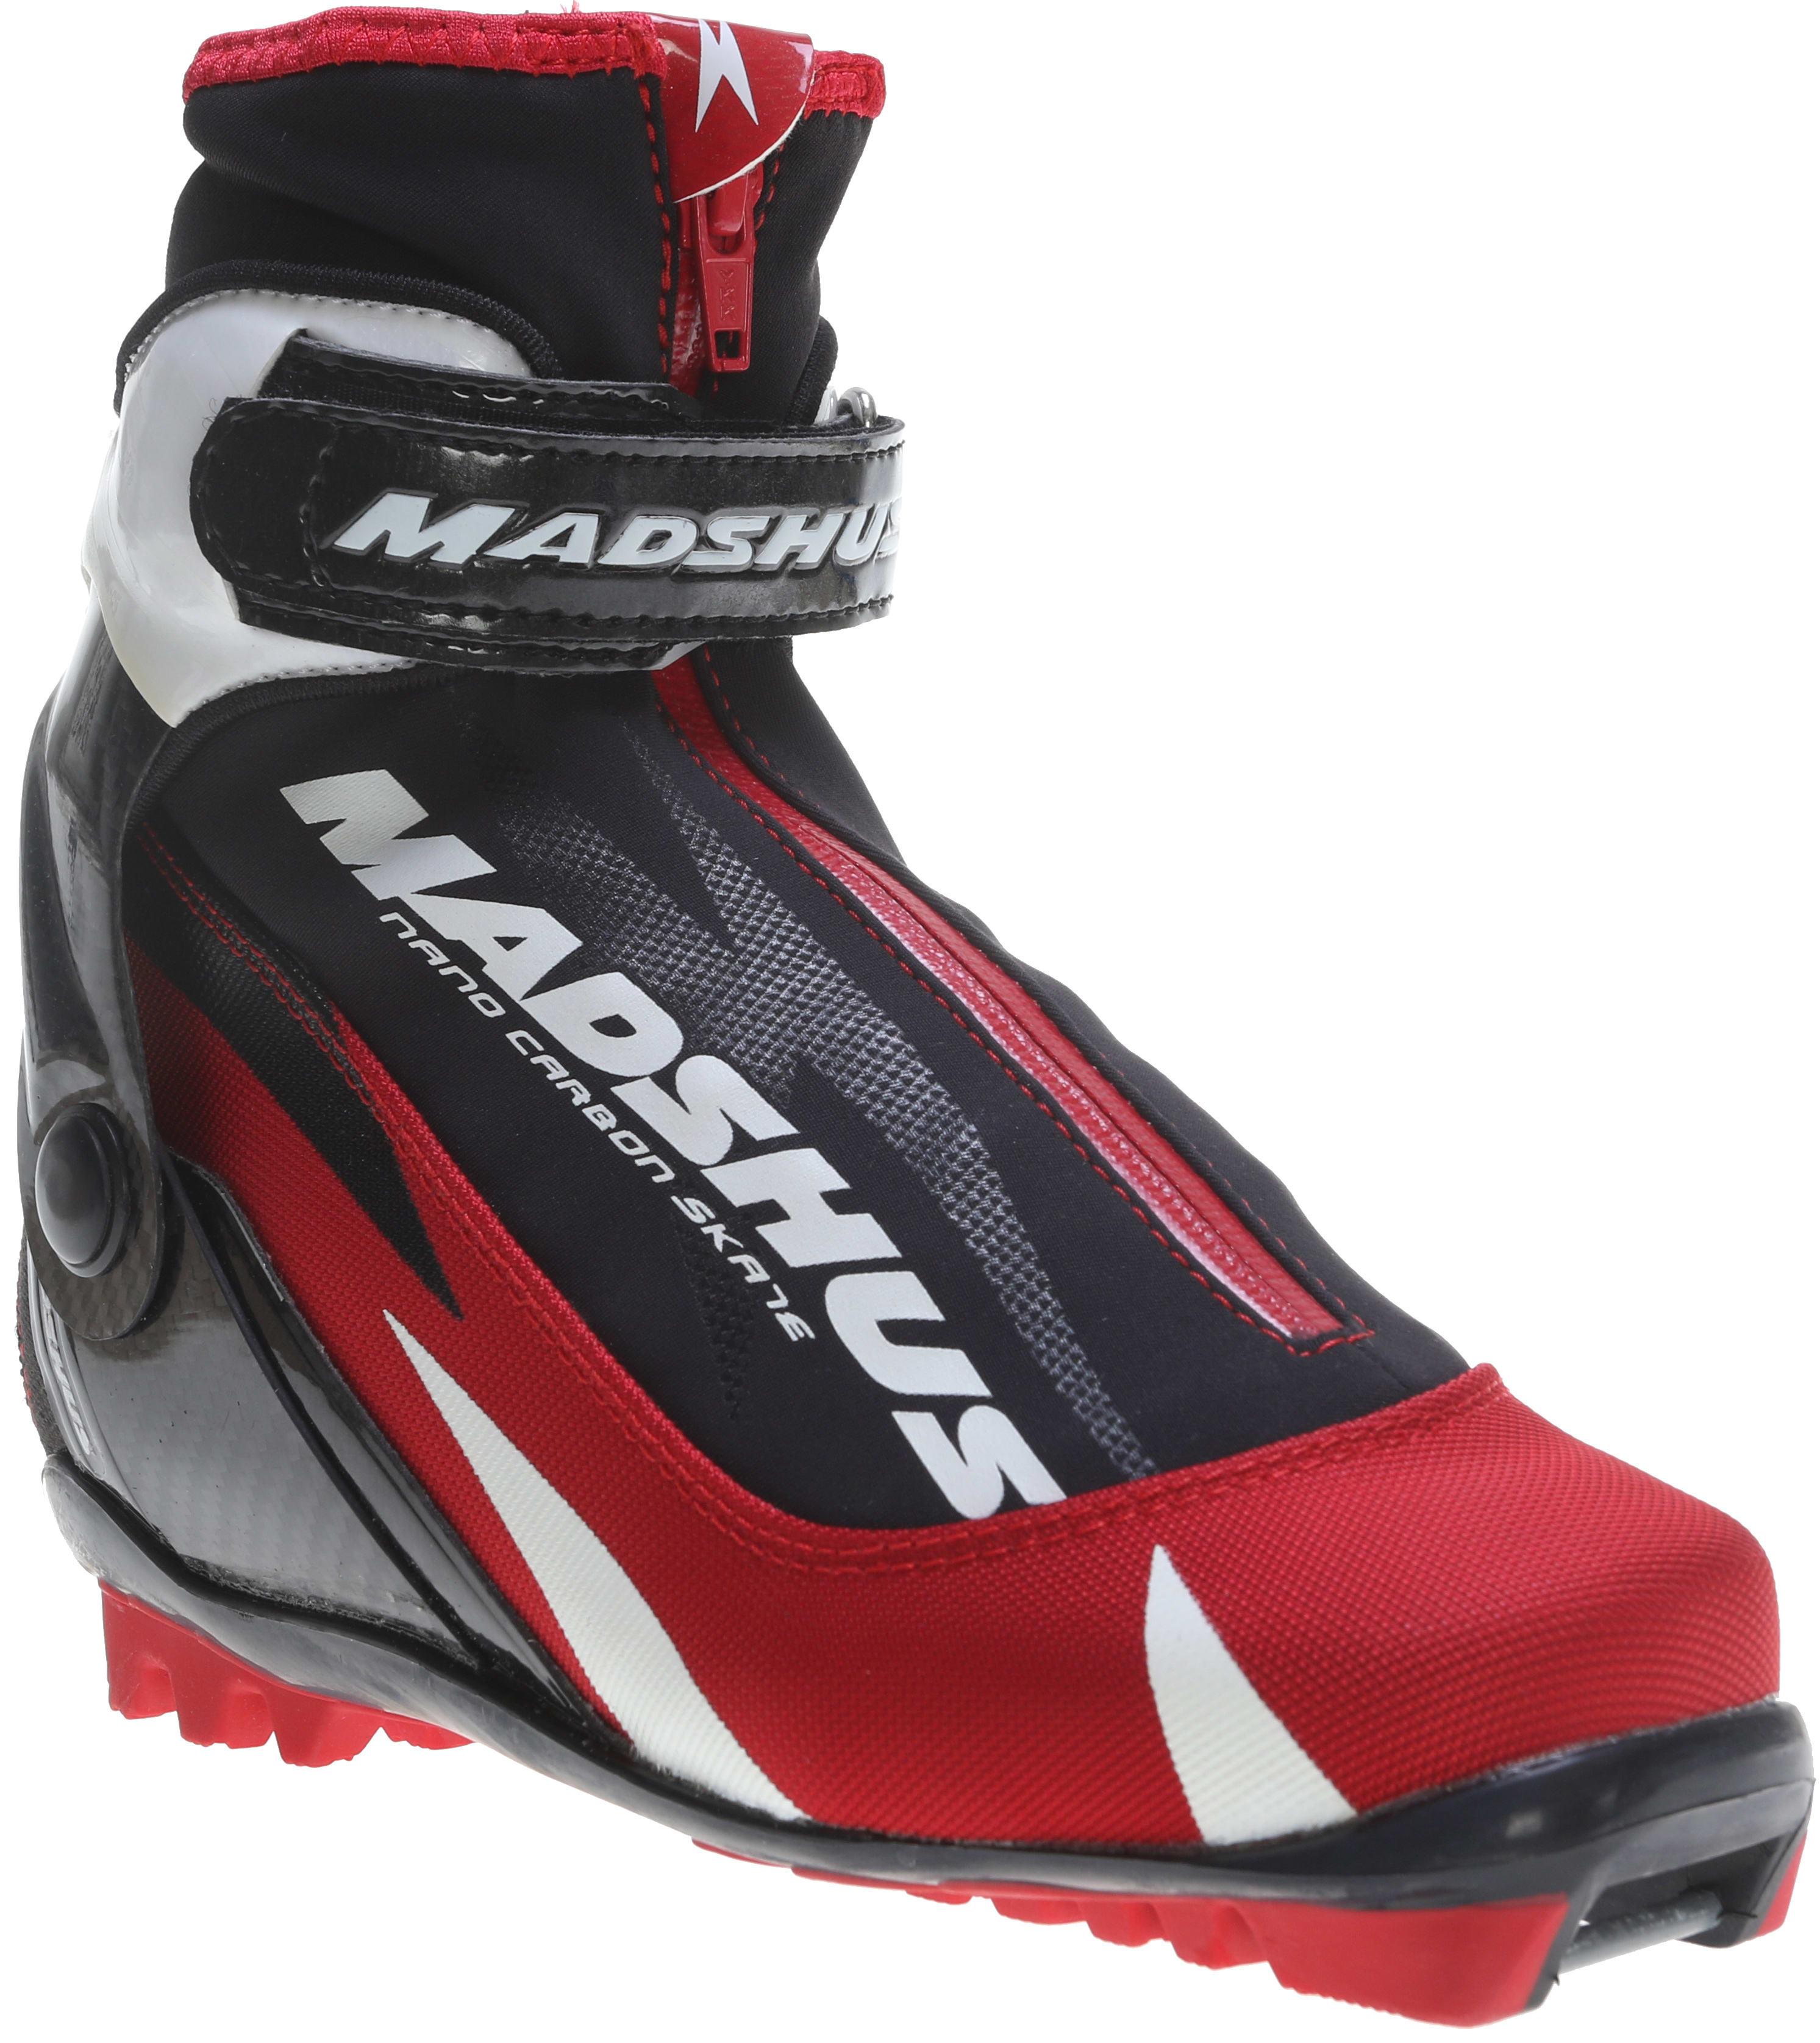 Madshus Nano Carbon Skate Xc Ski Boots Kids Youth